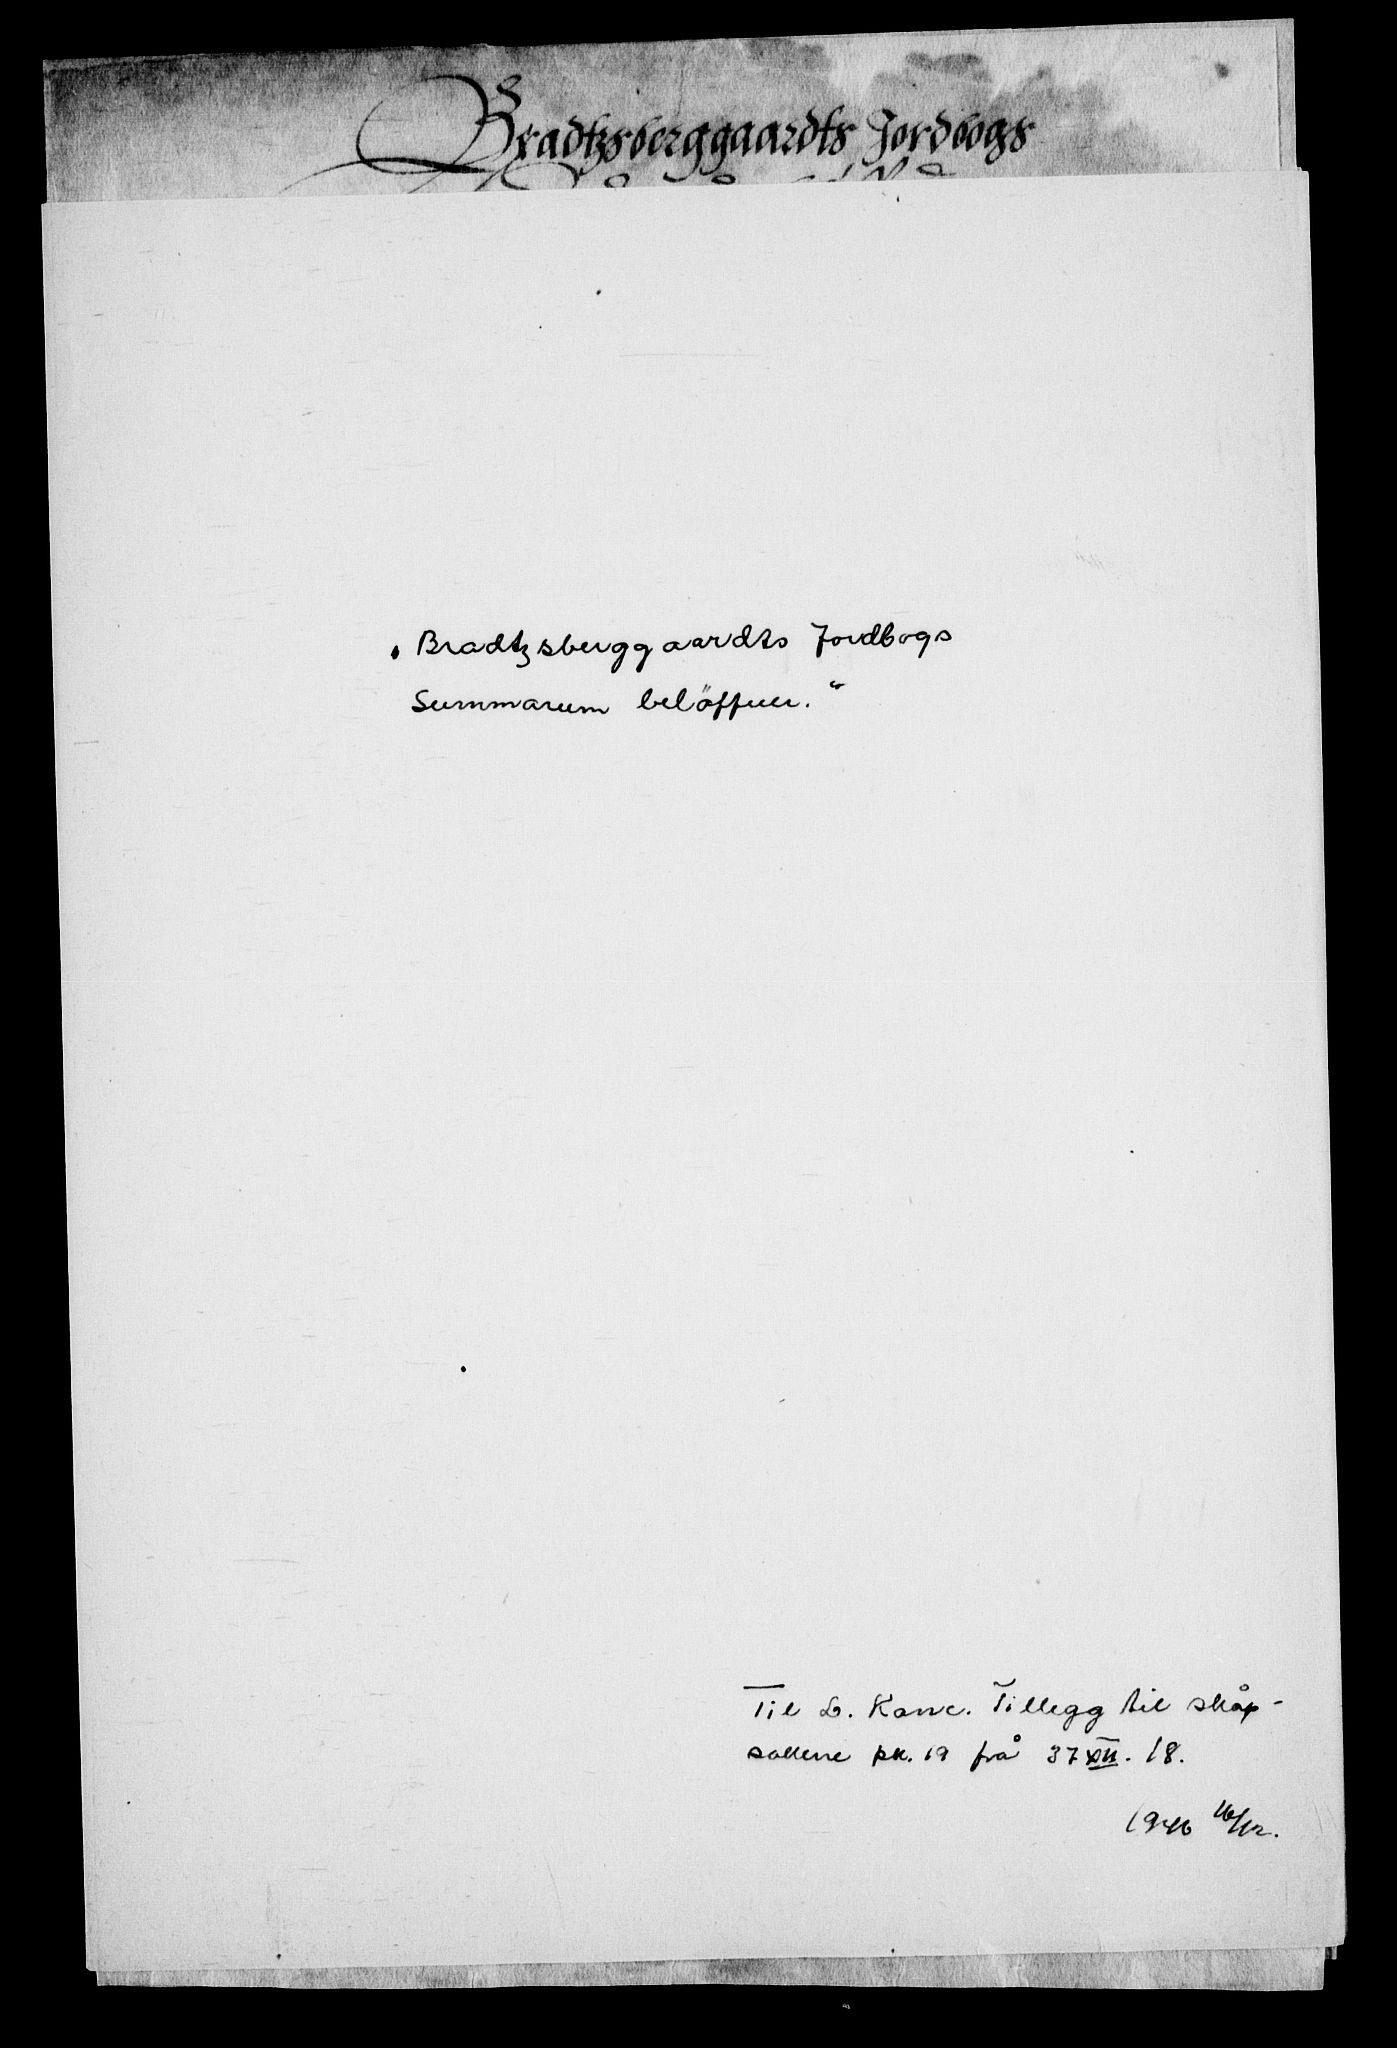 RA, Danske Kanselli, Skapsaker, G/L0019: Tillegg til skapsakene, 1616-1753, s. 55